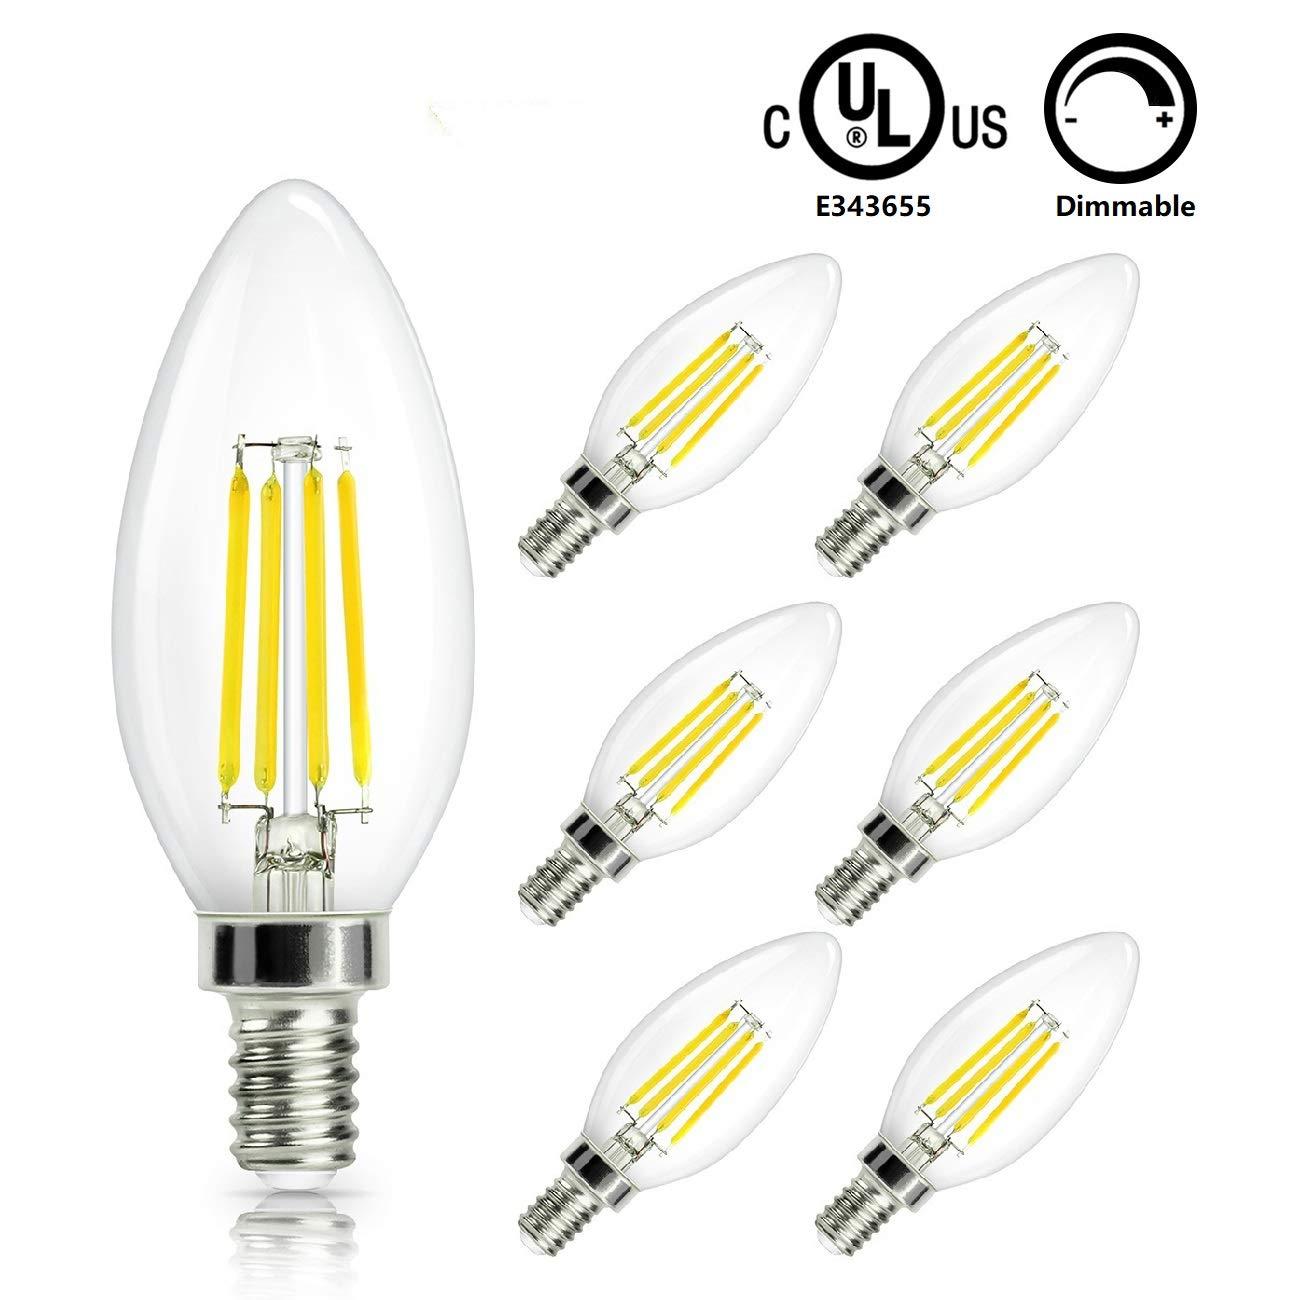 Candelabra Light Bulbs Dimmable 60W Equivalent, E12 Base C35 LED Filament Bulbs, Warm White 2700K Chandelier B11 Bulbs,CRI90 110V-130V Vintage Ceiling Fan Deco Bulb, 6-Pack, EMANER